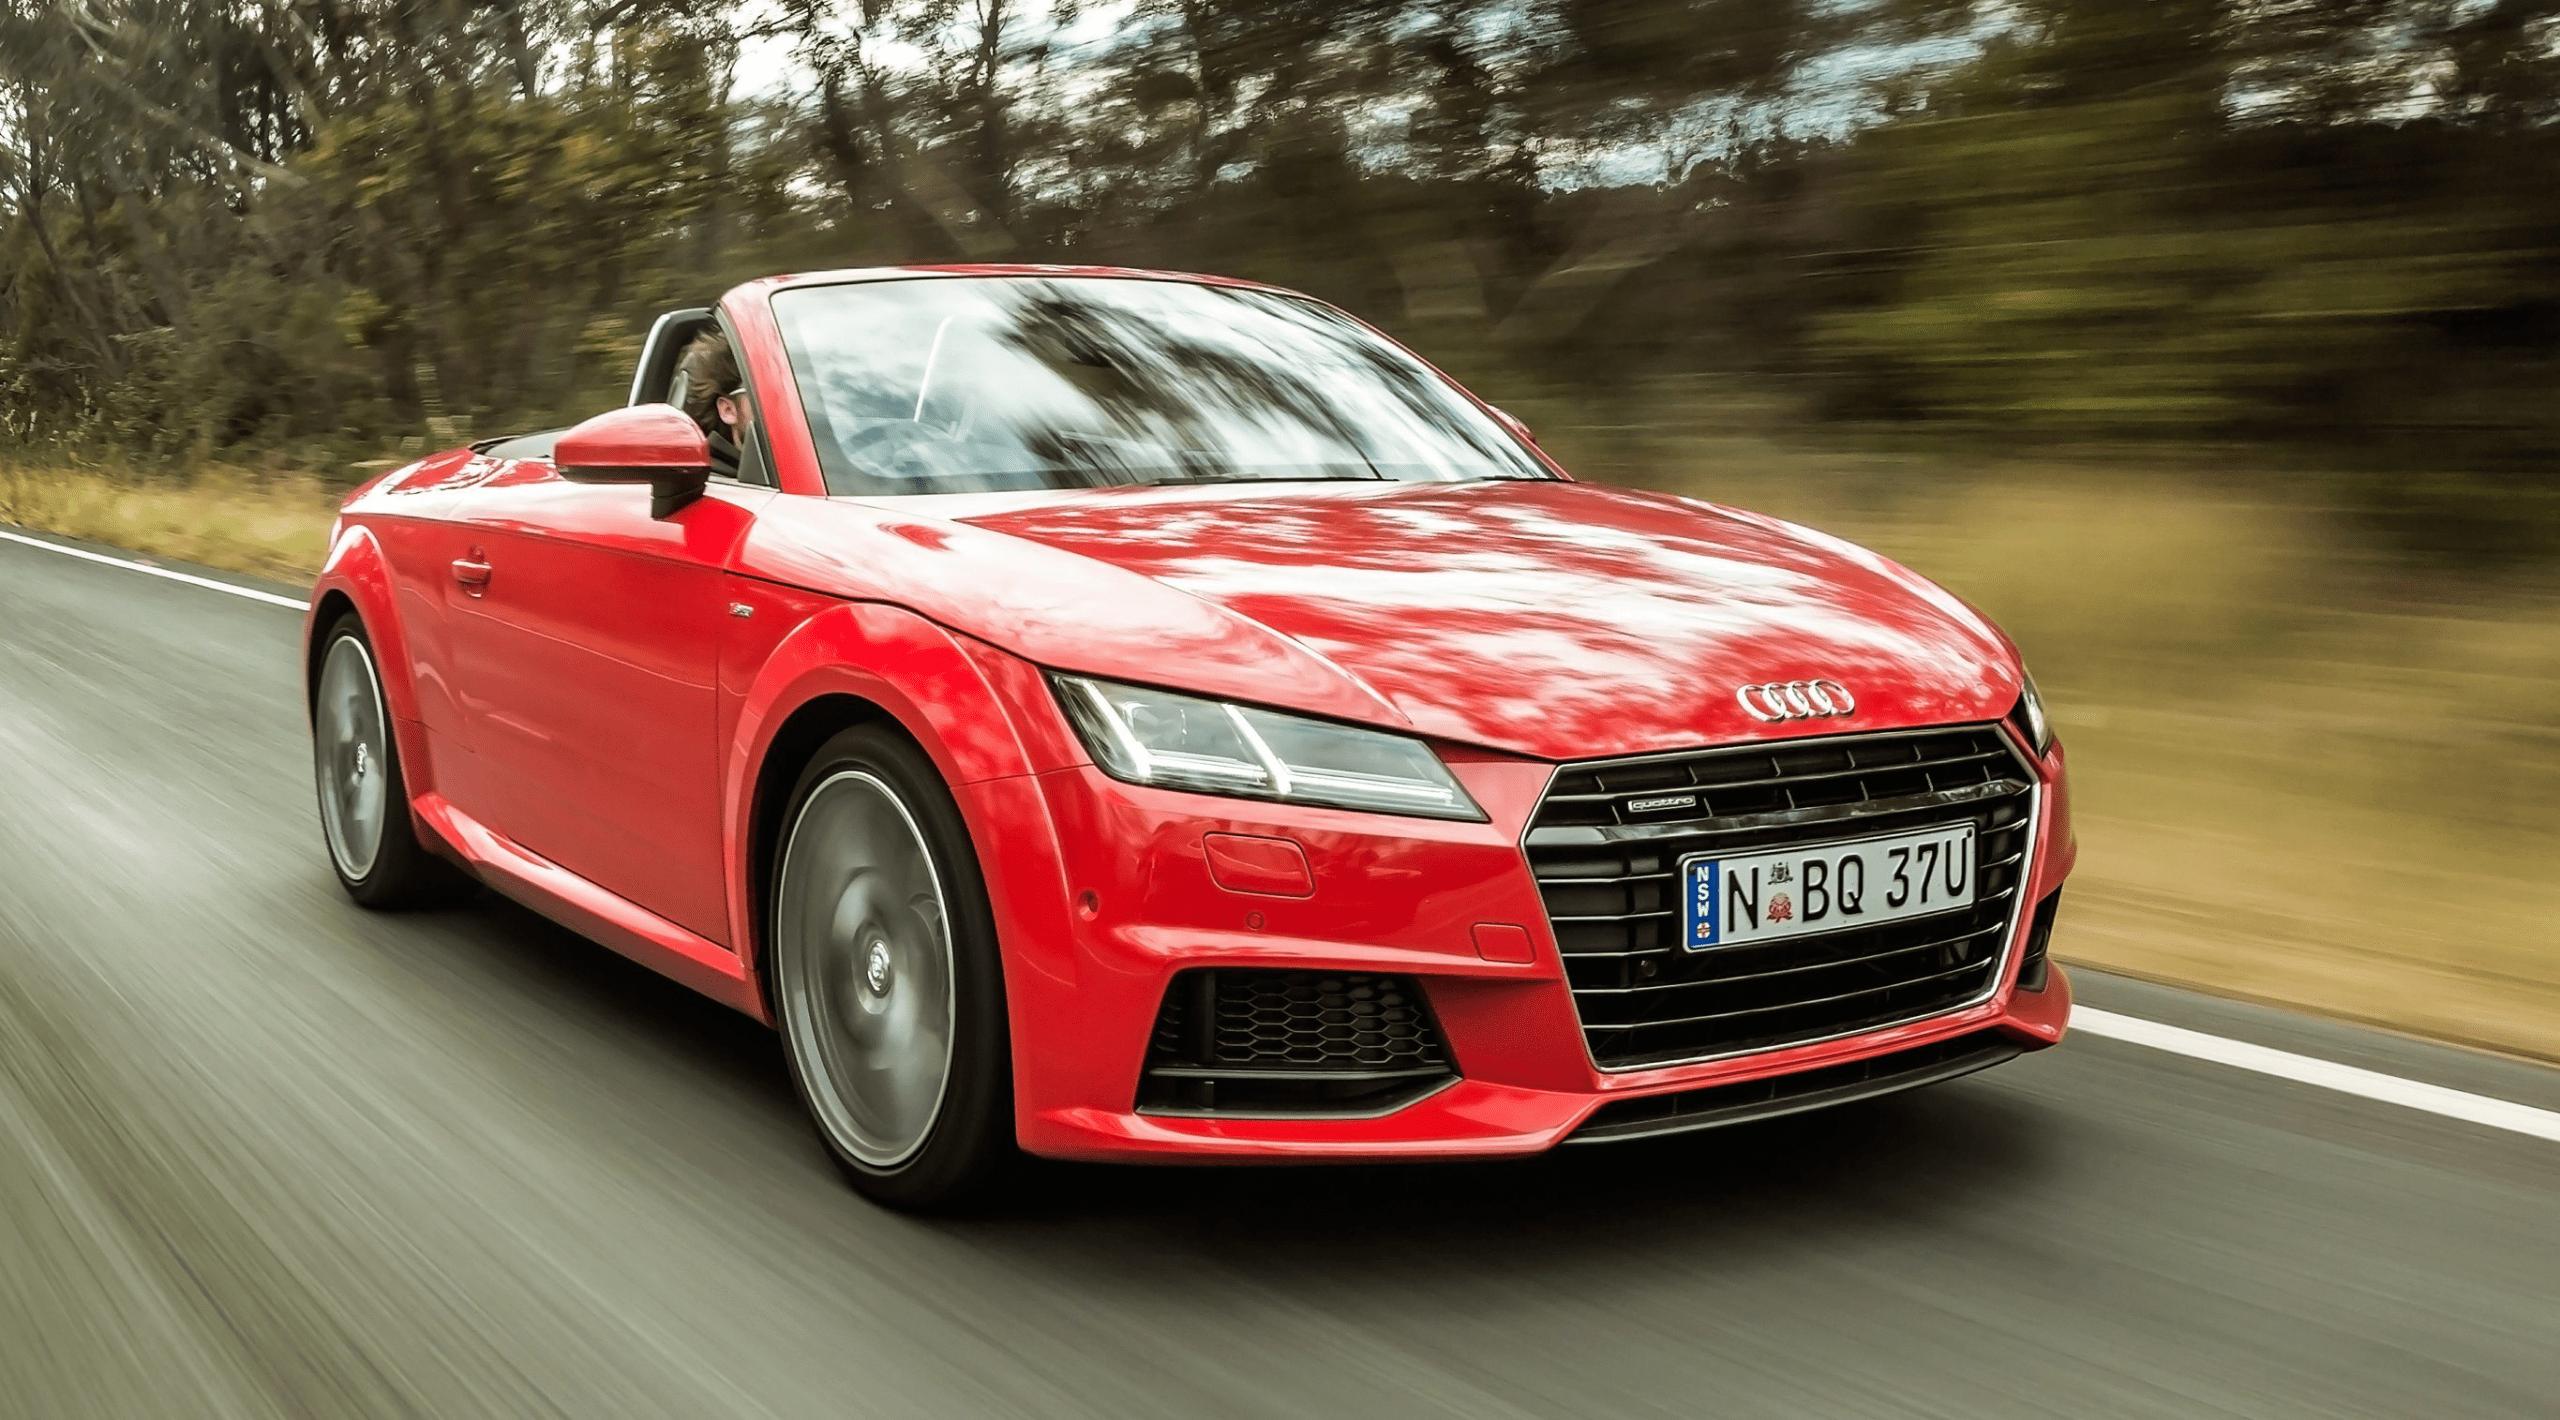 2020 Audi Tt Rs Specs And Review In 2020 Audi Tt Rs Audi Tt Audi